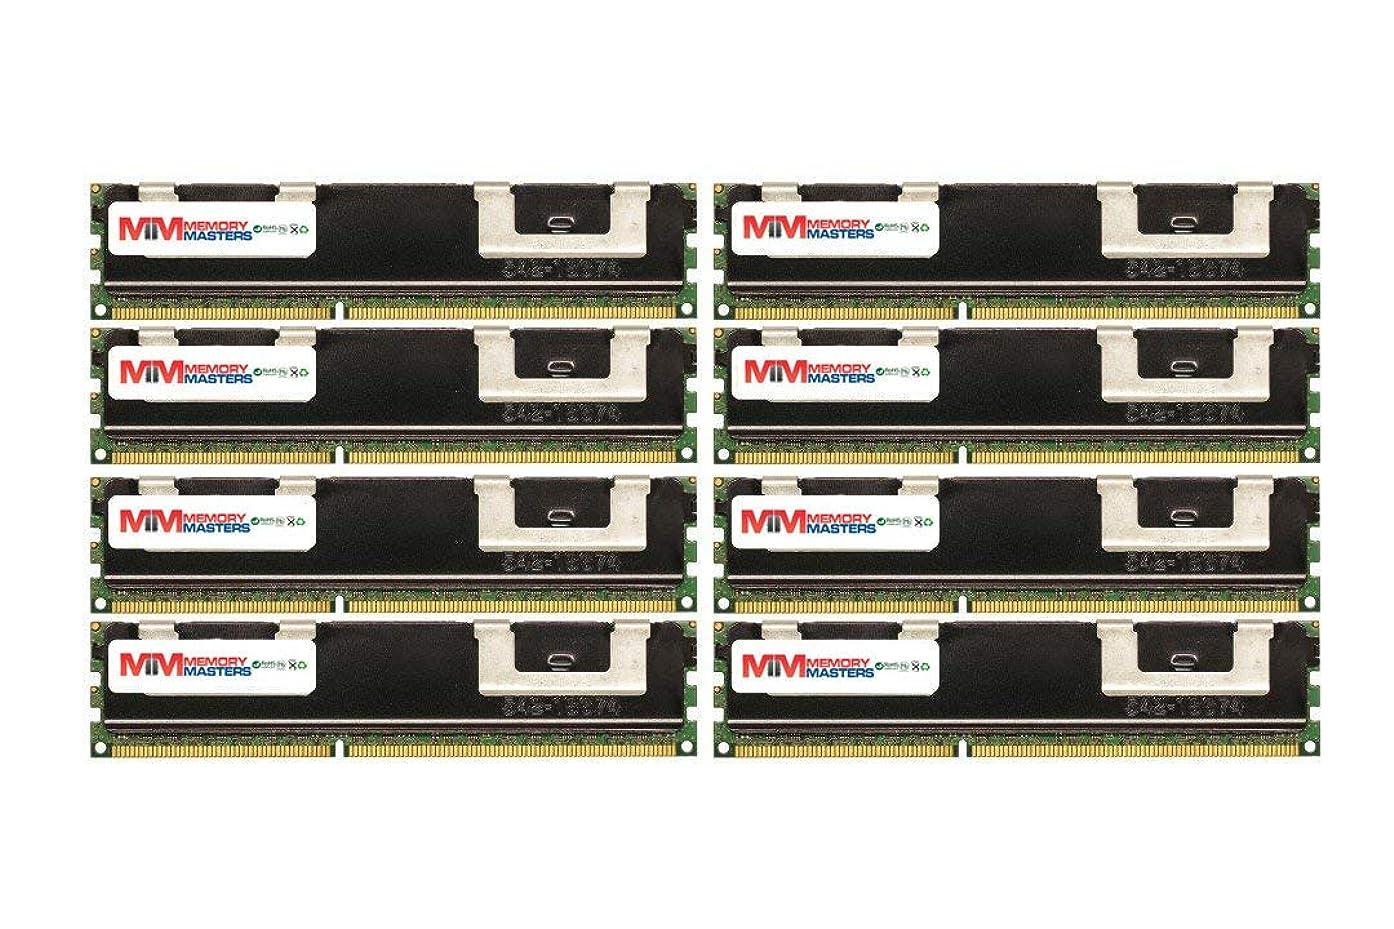 フォアマン睡眠火山MemoryMasters 16GB (8X2GB) 認定メモリ IBM System x3650 7979 39M5791 DDR2 667MHz PC2-5300 完全バッファ